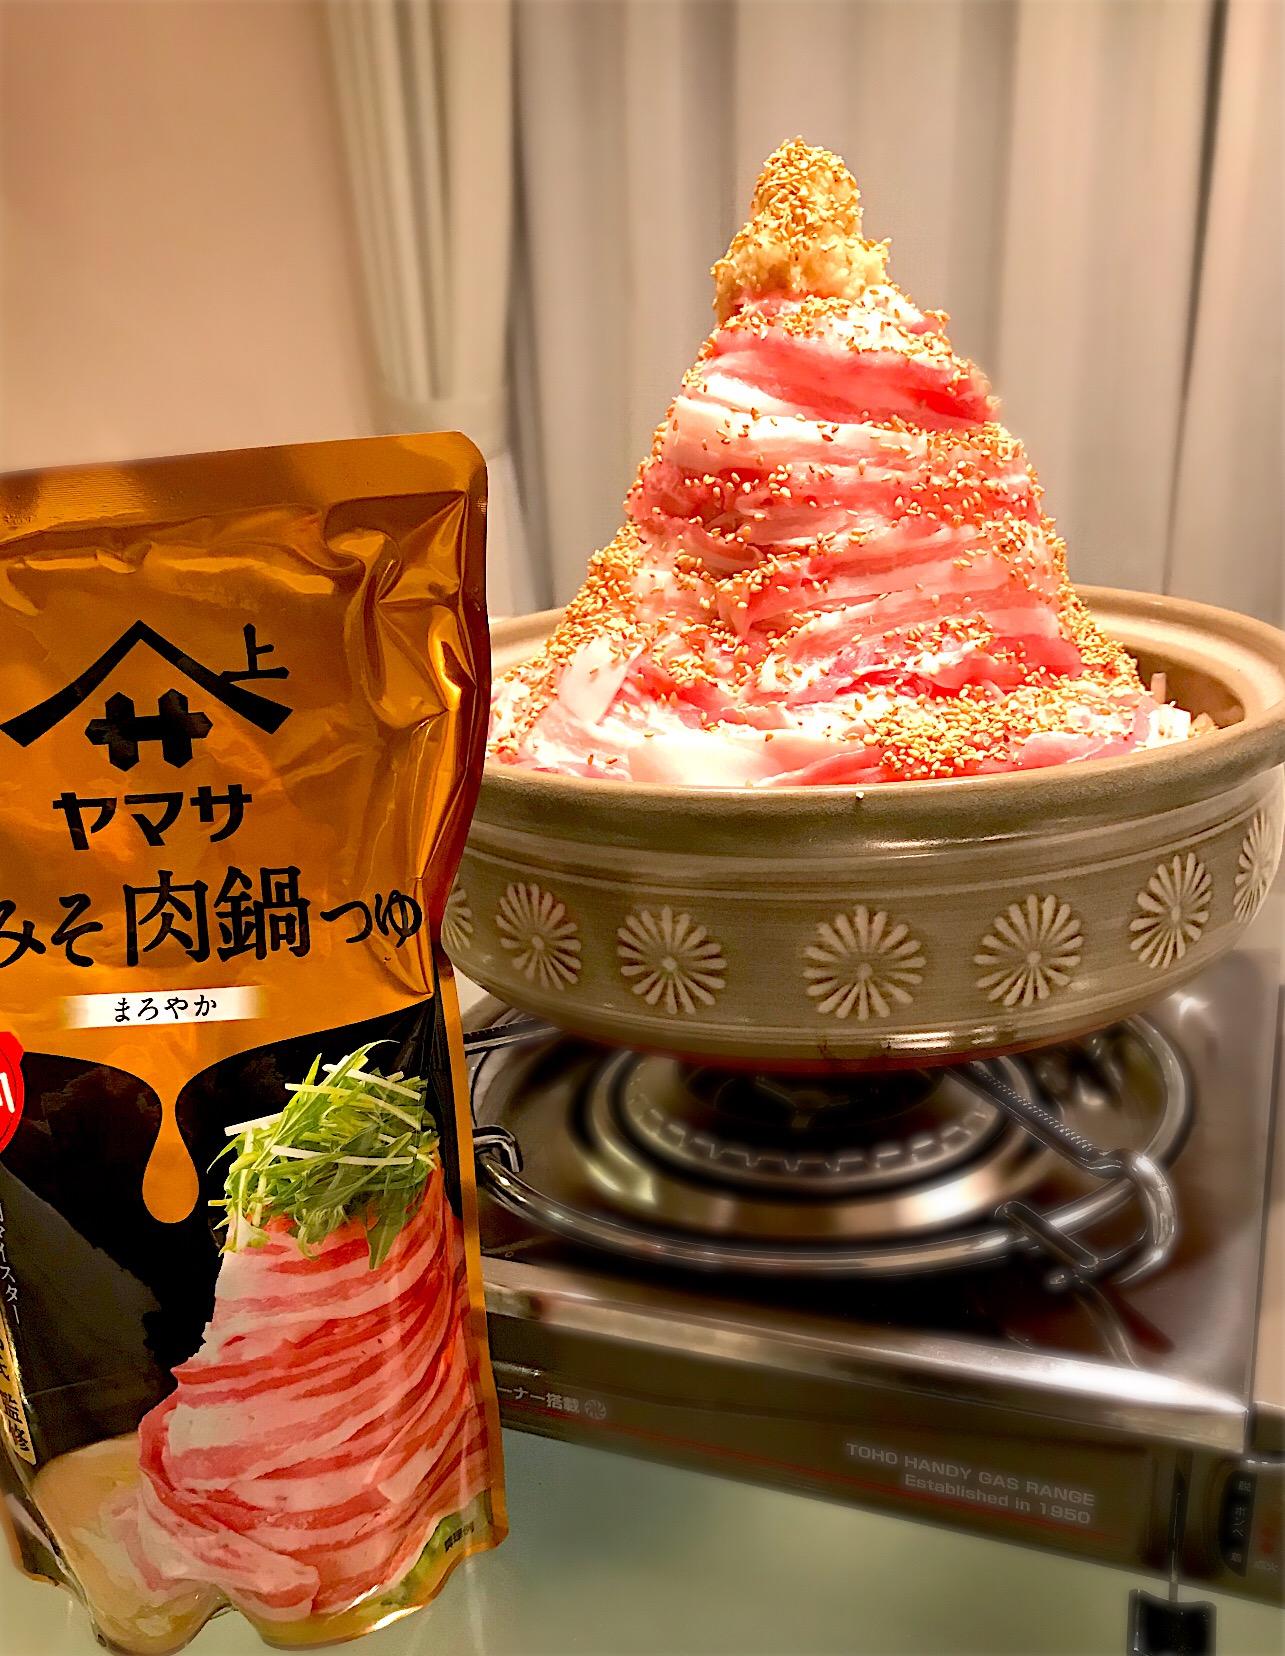 生姜たっぷり肉鍋タワー✨